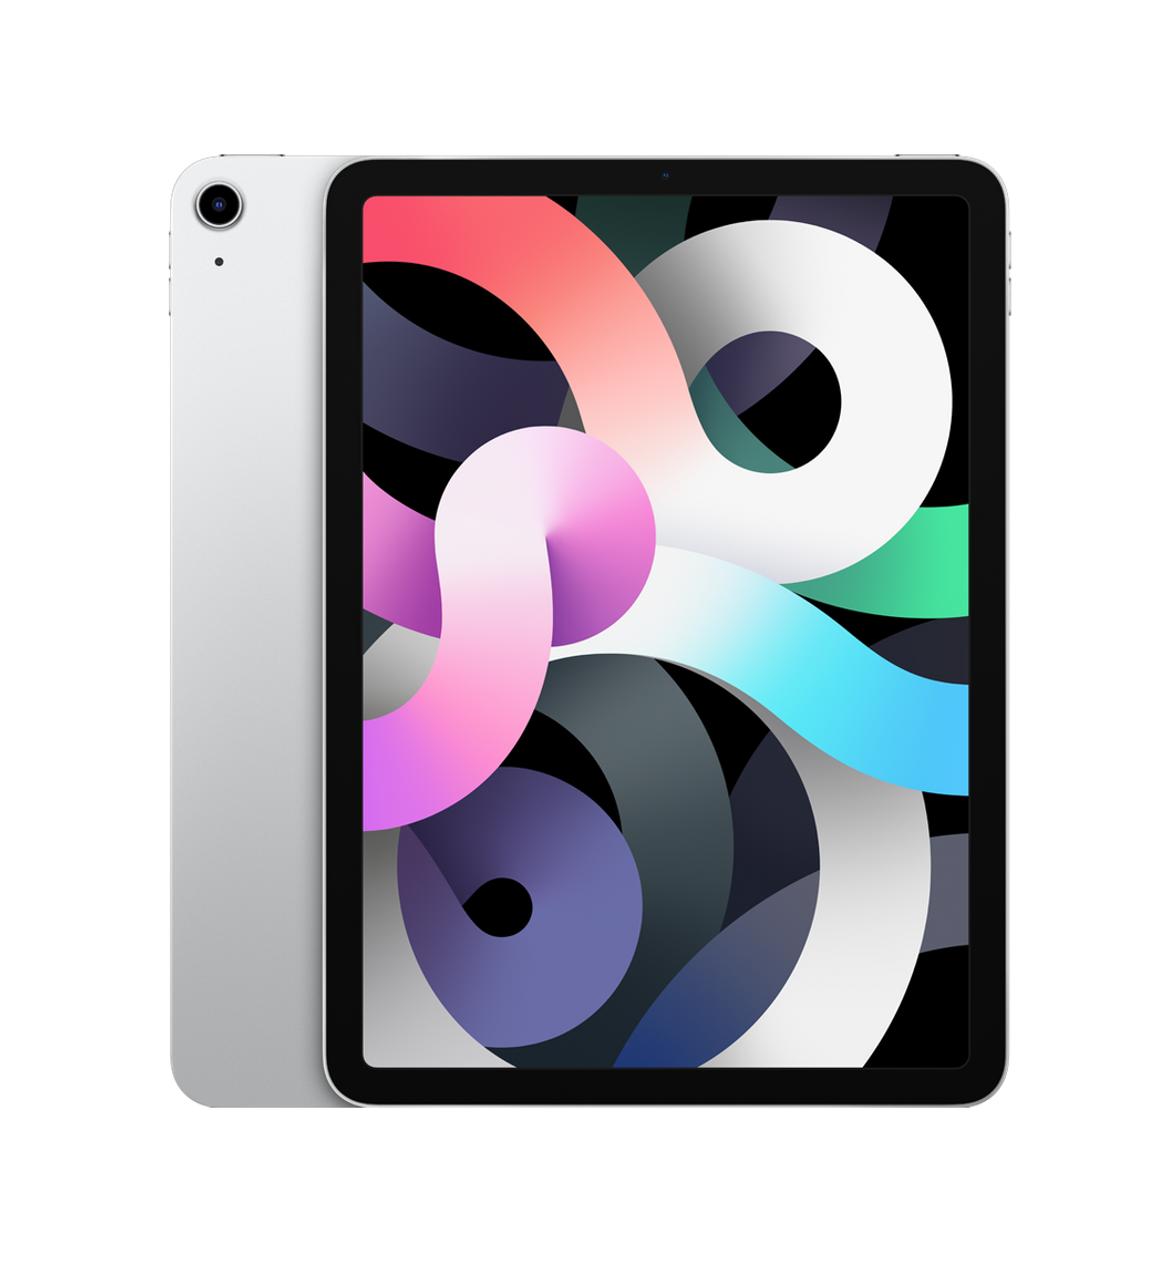 Apple Ipad Air 4th Generation 10 9 Wi Fi 256gb Silver Mediaform Au